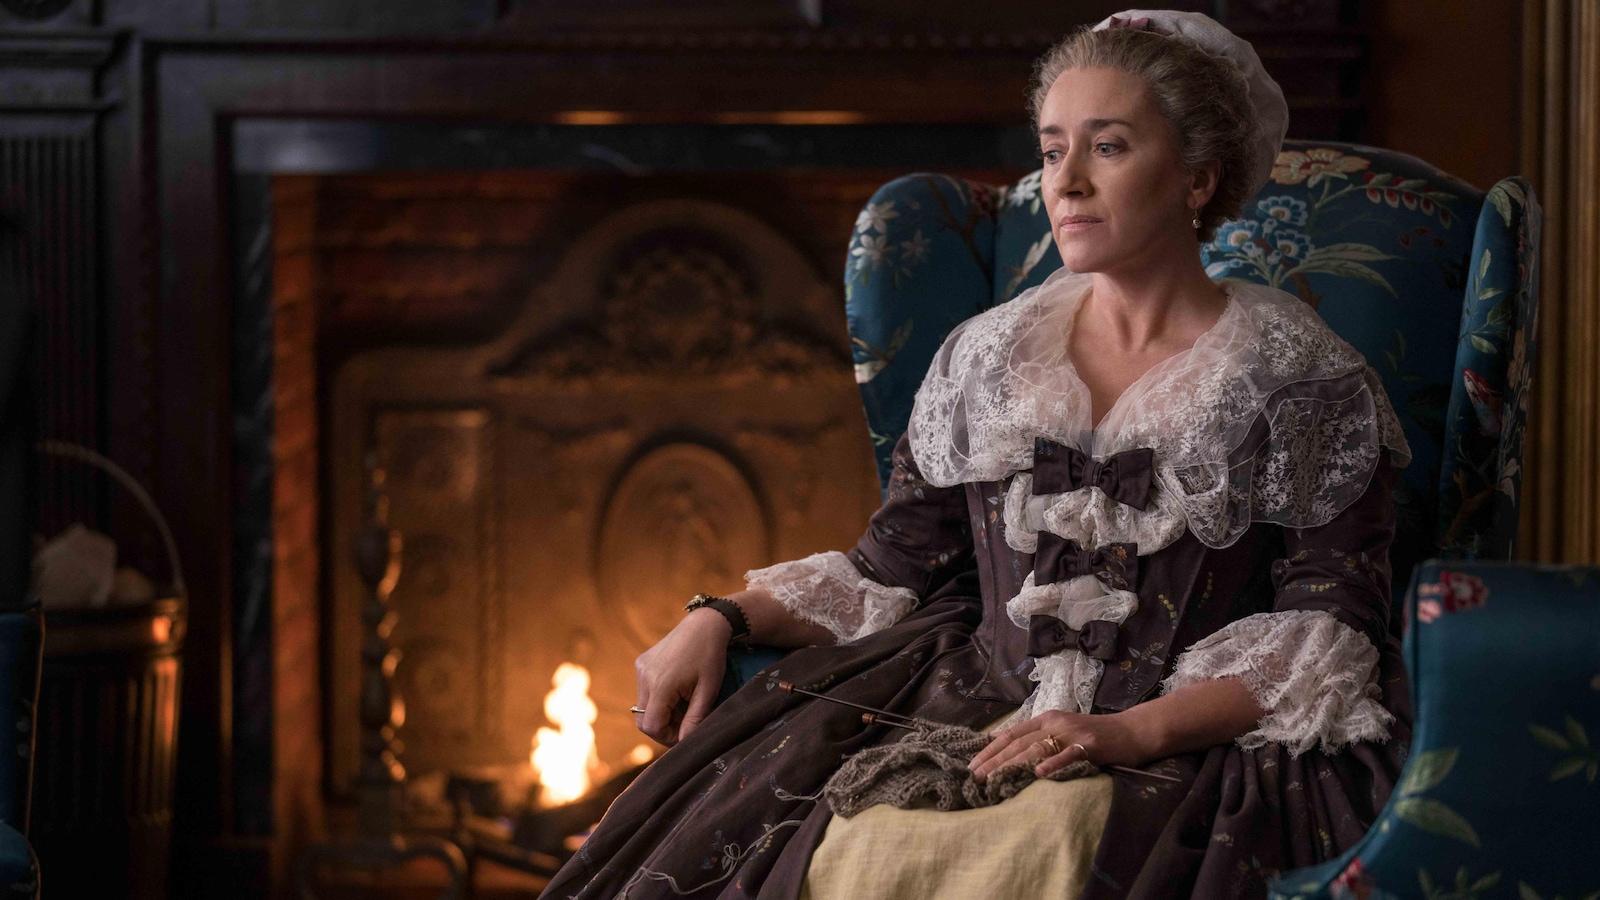 Une dame noblement vêtue est assise sur un fauteuil près d'une cheminée.